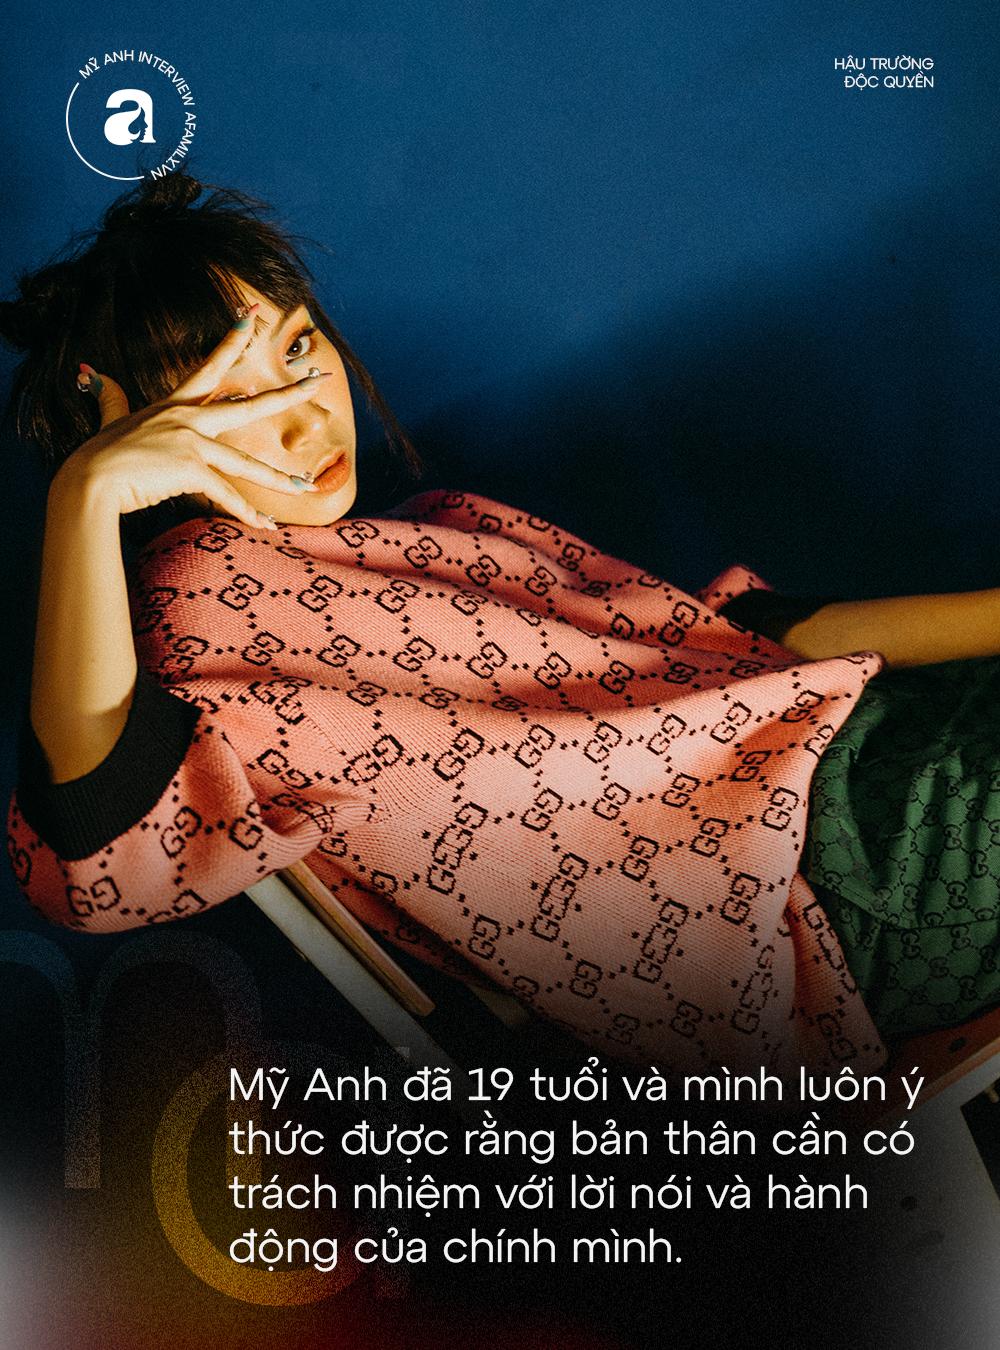 """Gặp gỡ Mỹ Anh - con gái diva Mỹ Linh: Lần đầu nói về 2 chữ  """"nổi loạn"""" ở tuổi 19 và câu chuyện trưởng thành giữa trải nghiệm tốt - xấu - Ảnh 7."""